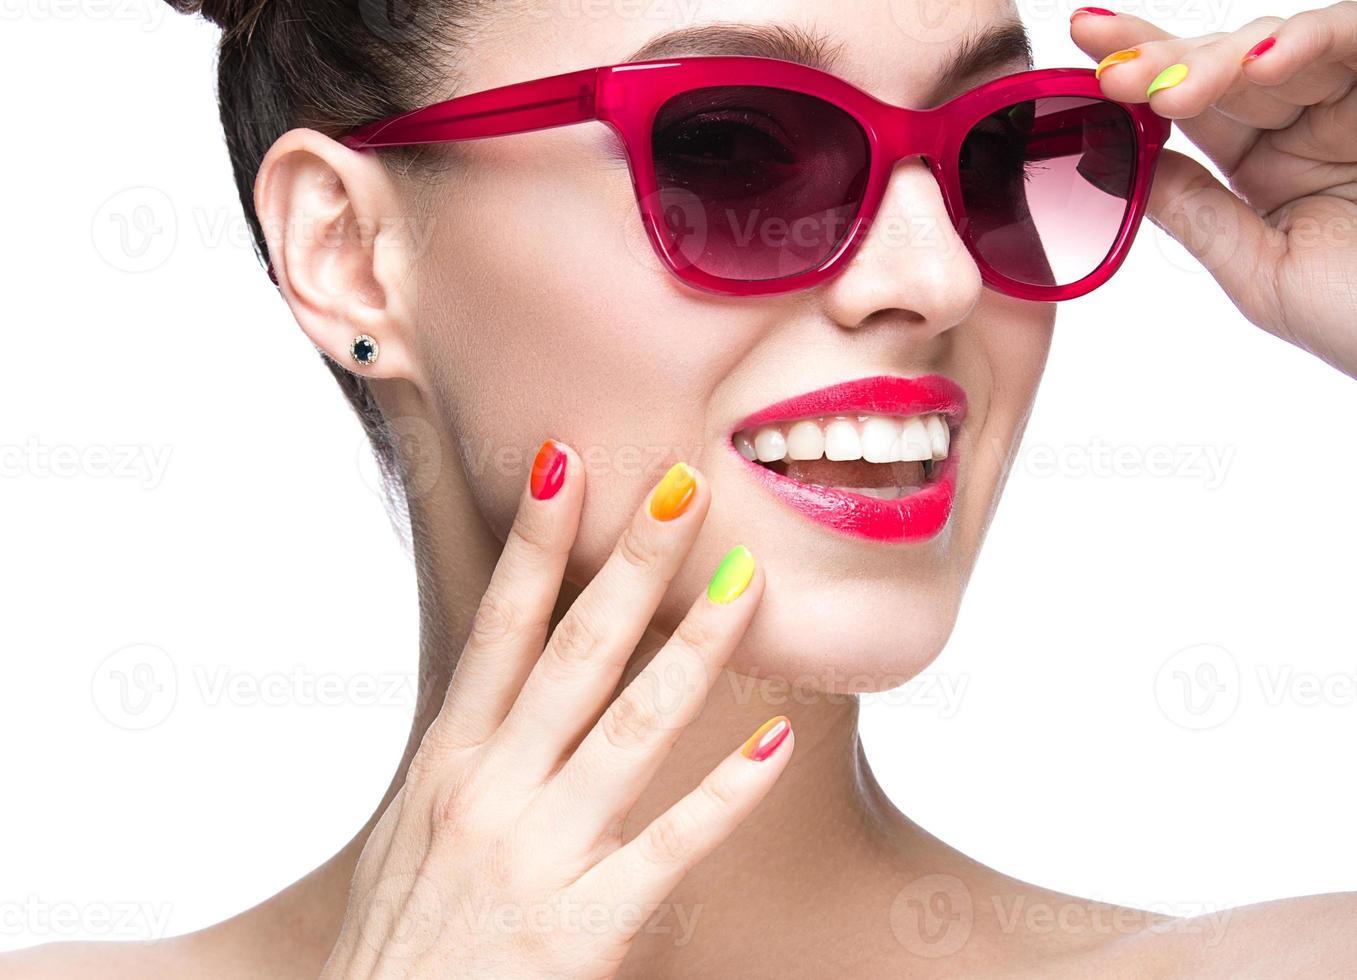 garota de óculos vermelhos com maquiagem brilhante e unhas coloridas. foto